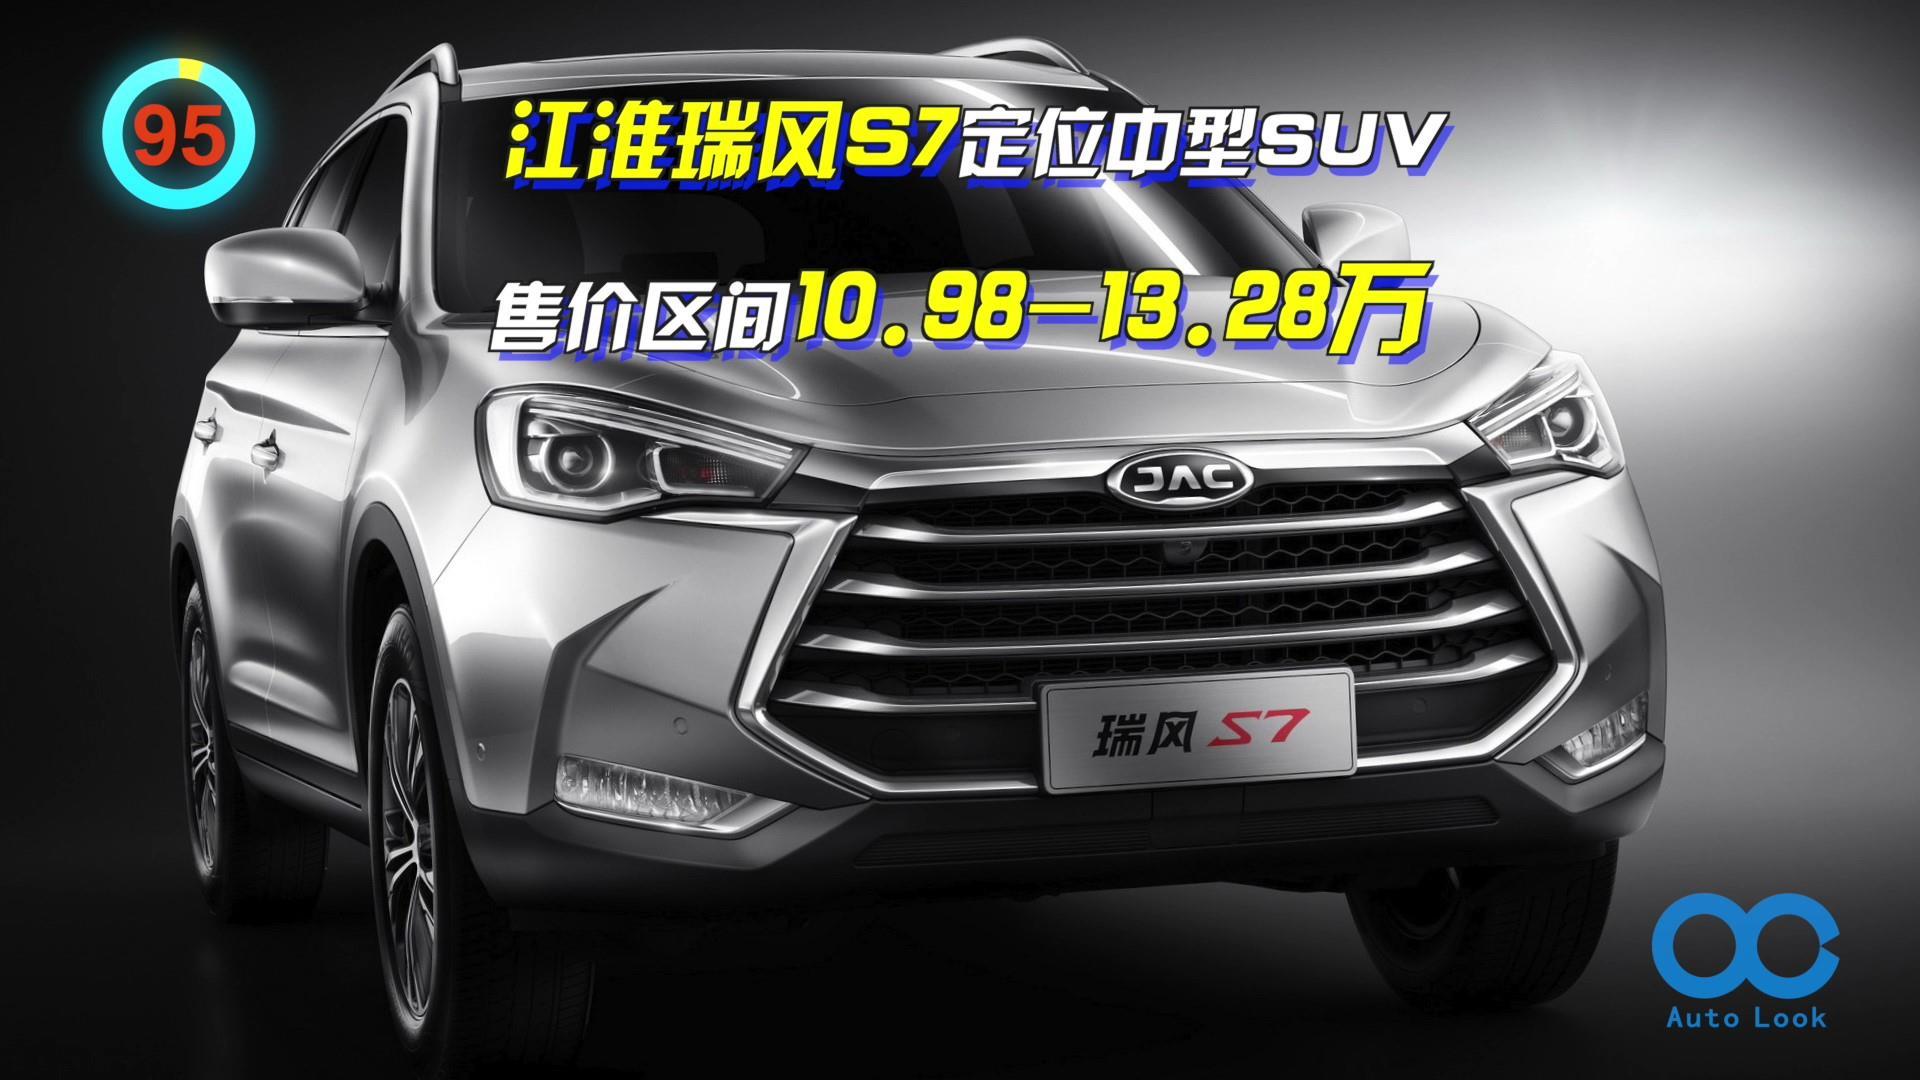 江淮瑞风S7 搭载自主研发1.5T 标配10.2英寸中控屏幕